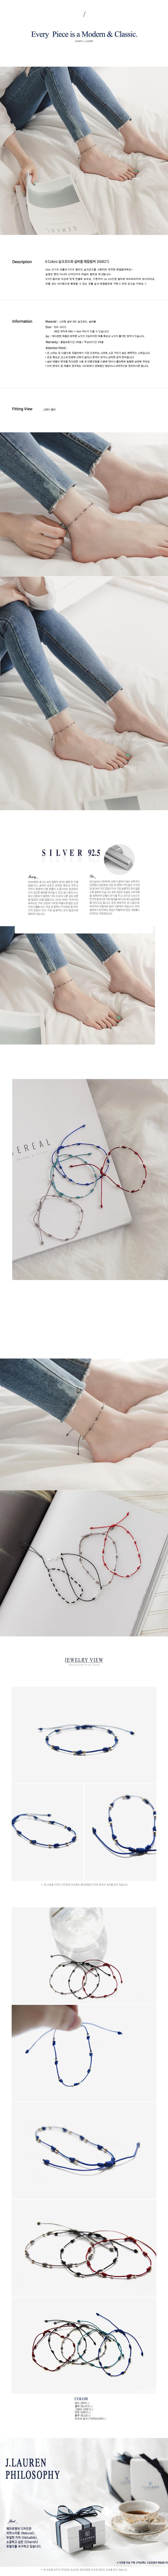 제이로렌 실버볼 컬러 실크코드 매듭 실발찌 [A0621] - 바이데이지, 15,000원, 발찌, 패션발찌